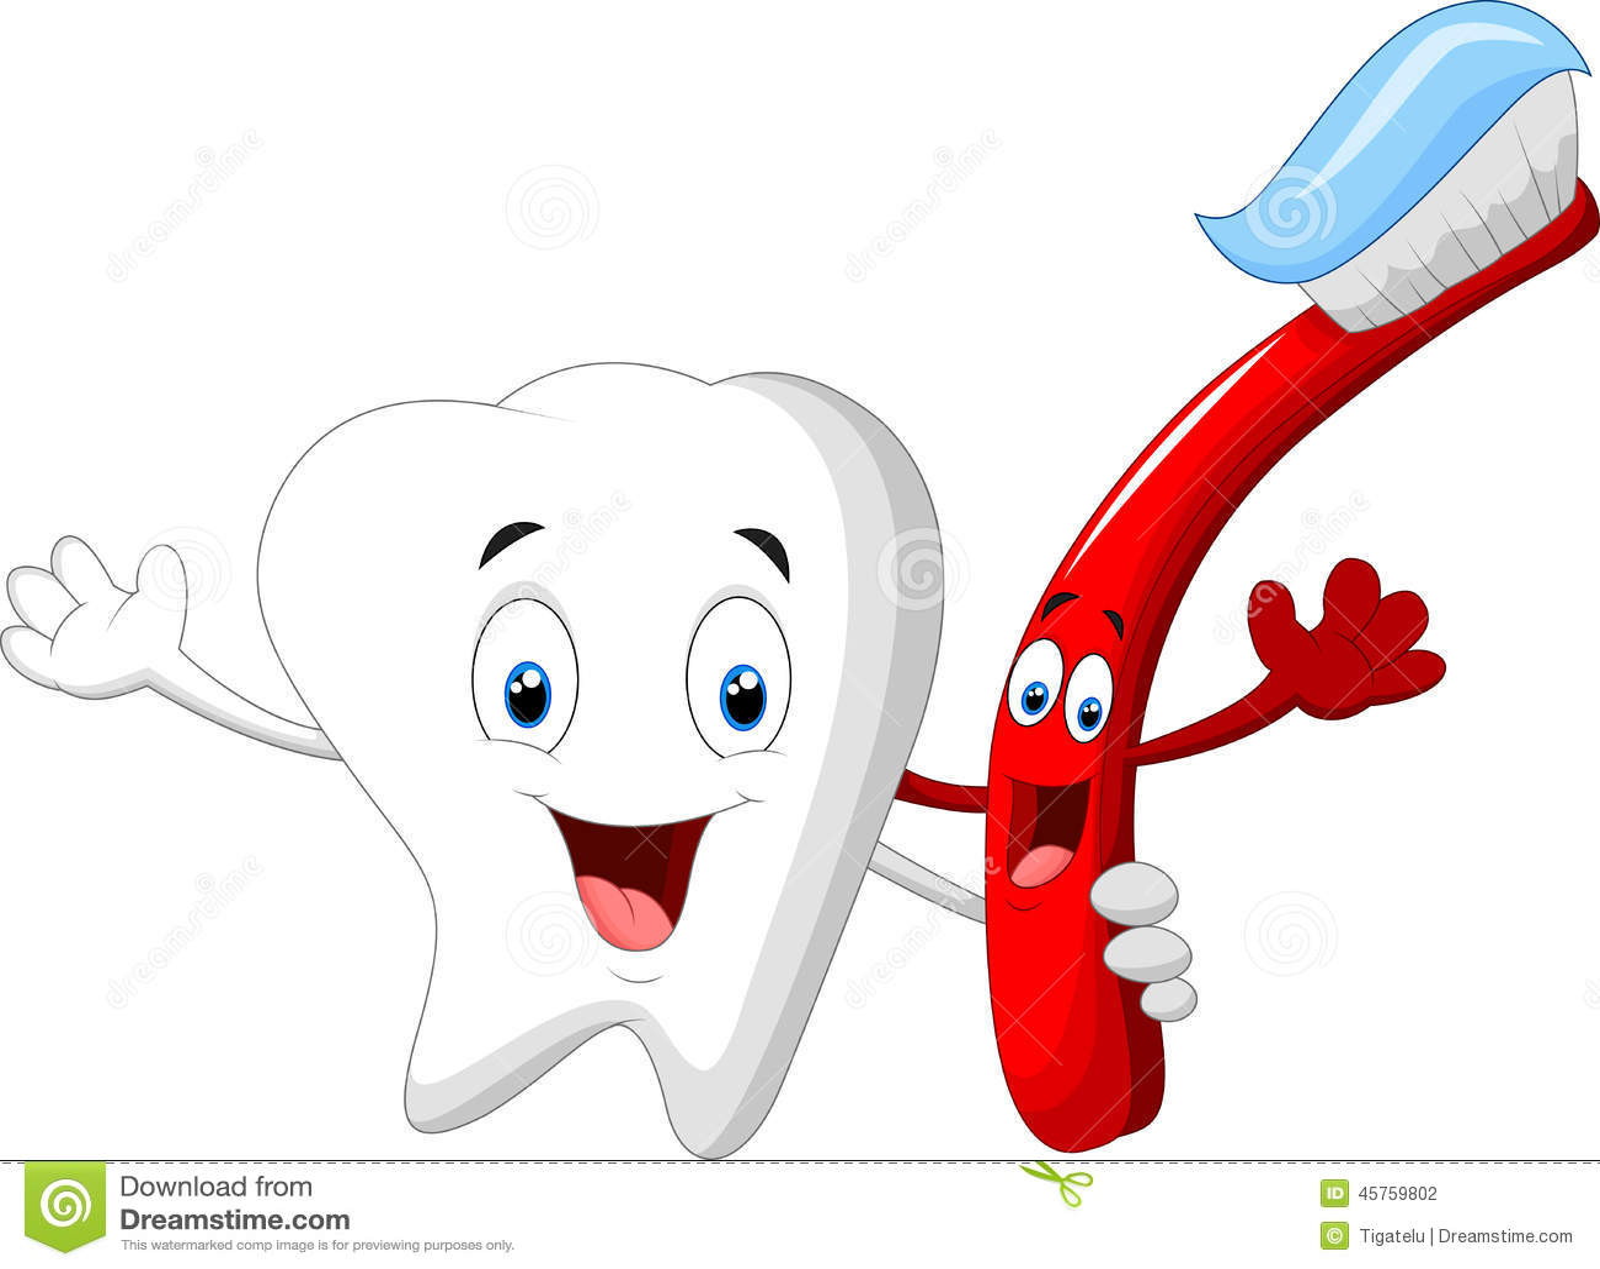 Personaje De Dibujos Animados Dental Del Diente Y Del Cepillo De